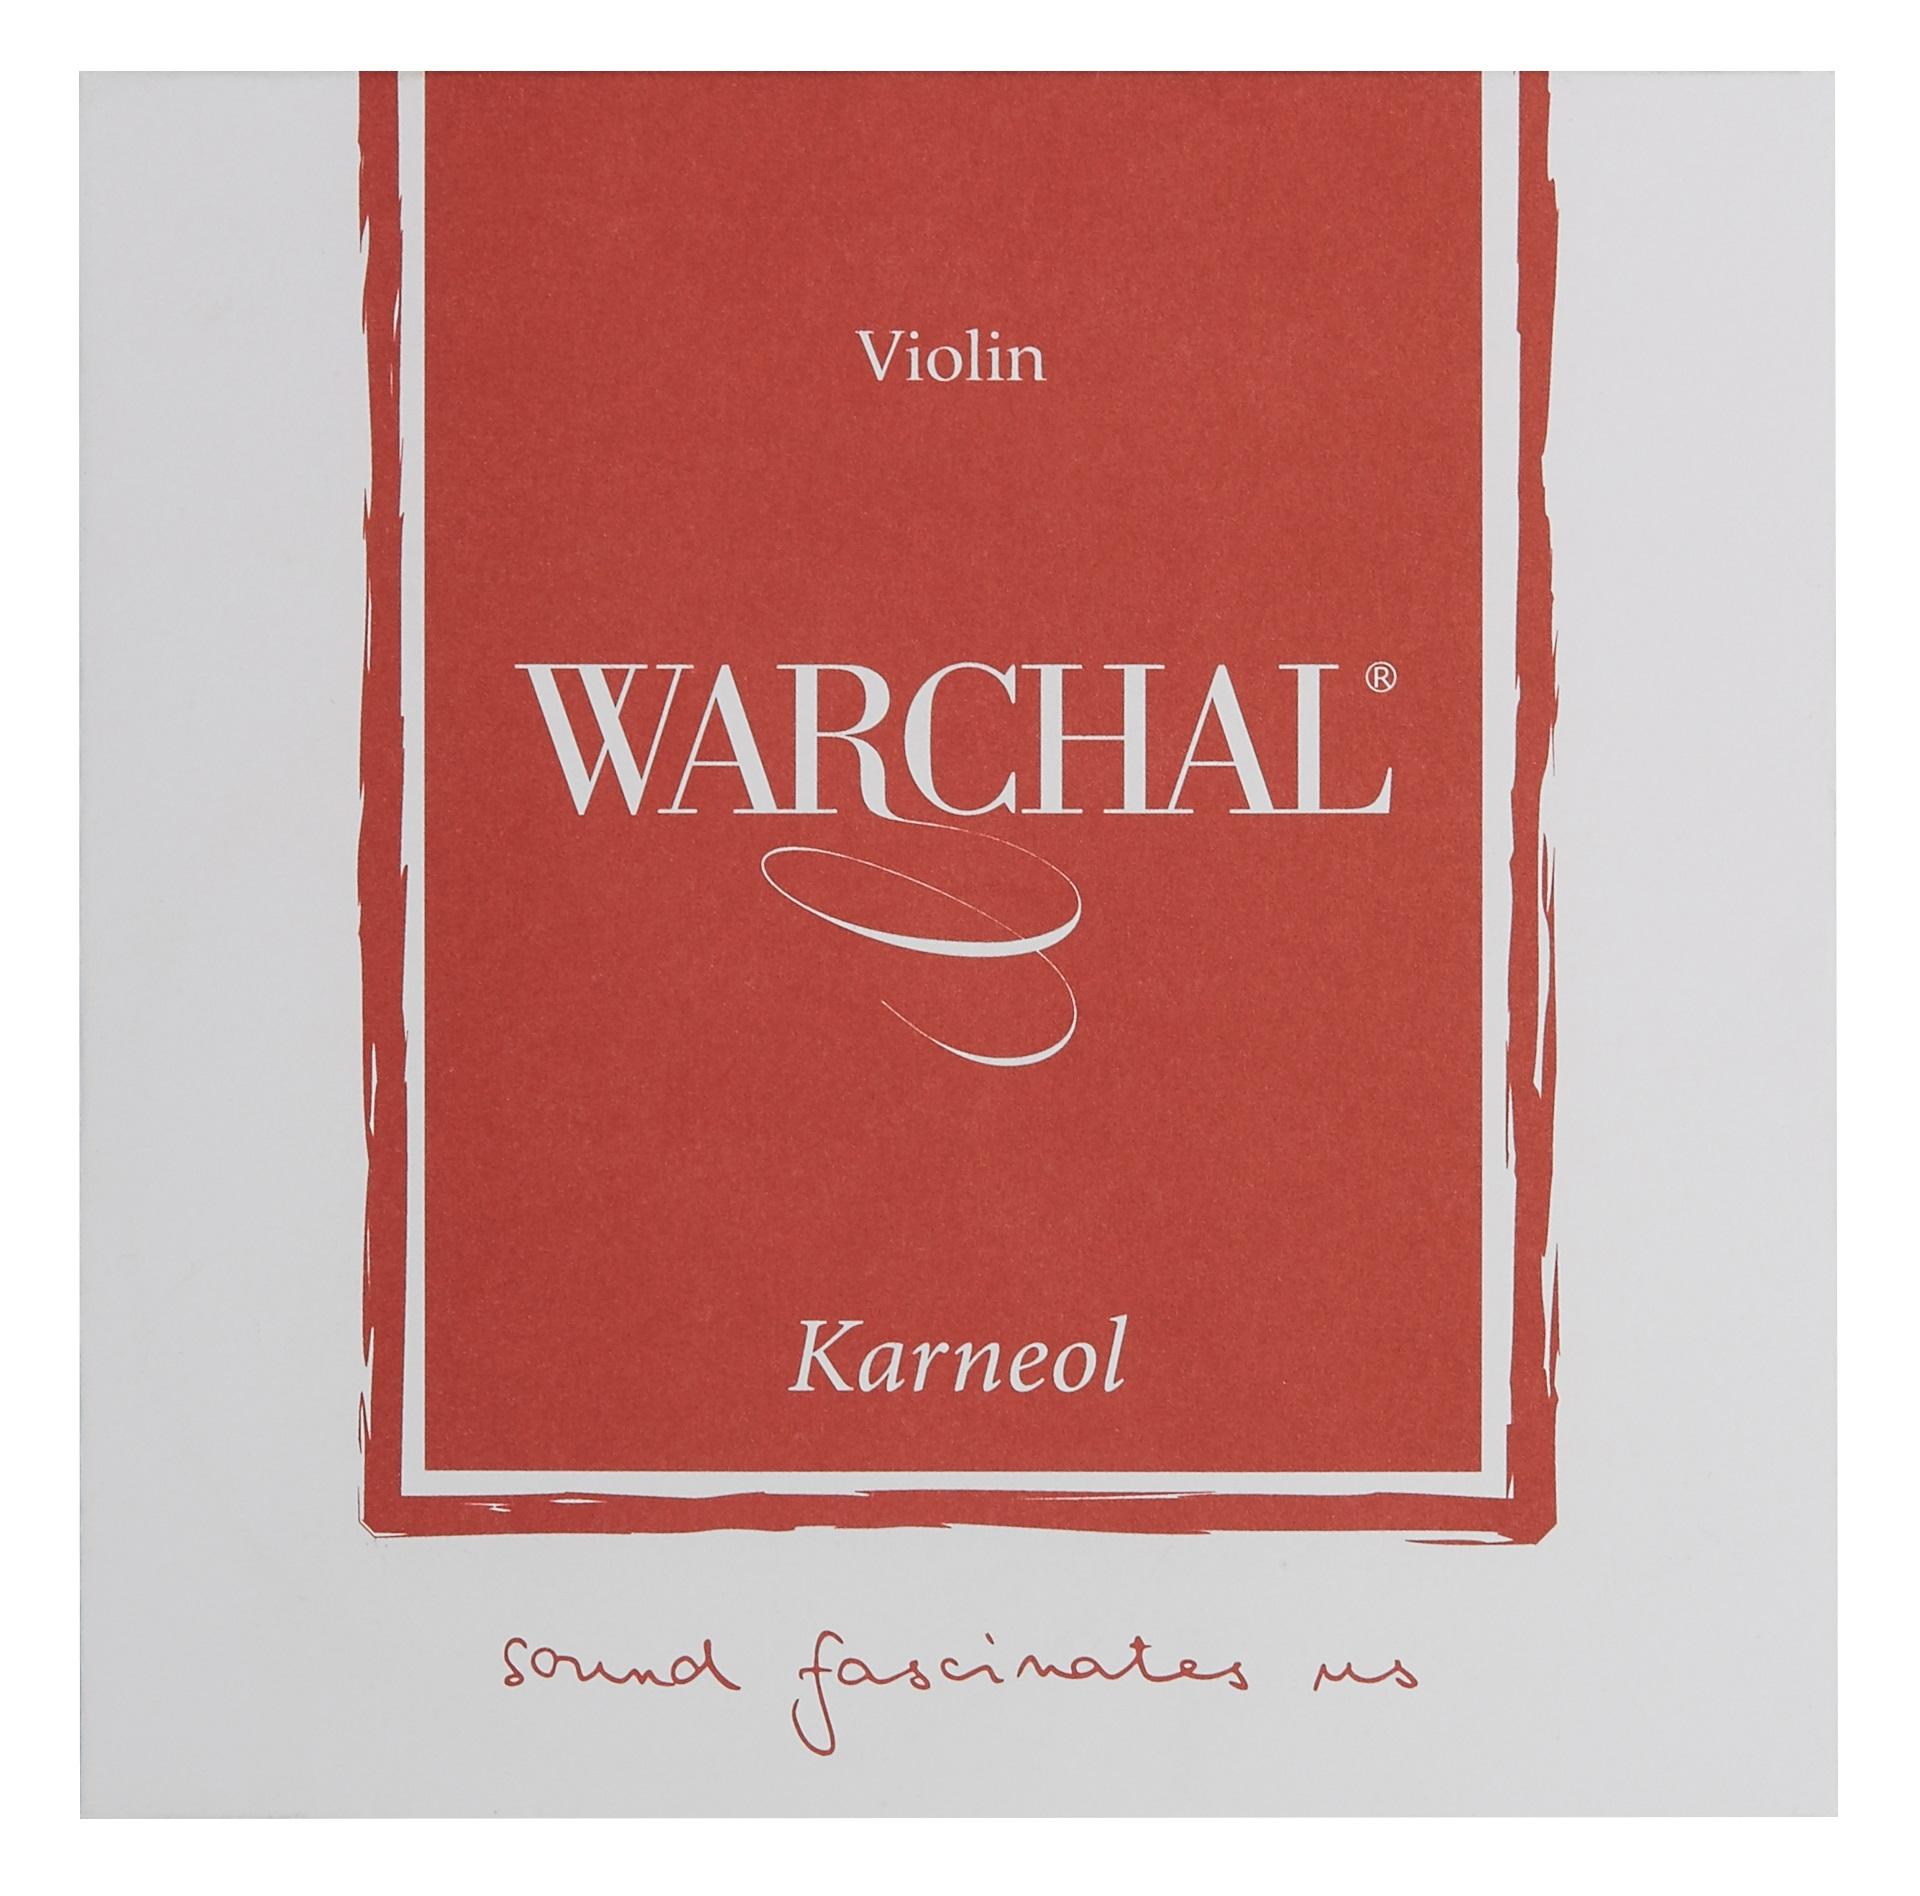 Warchal Karneol 500 Set Vln